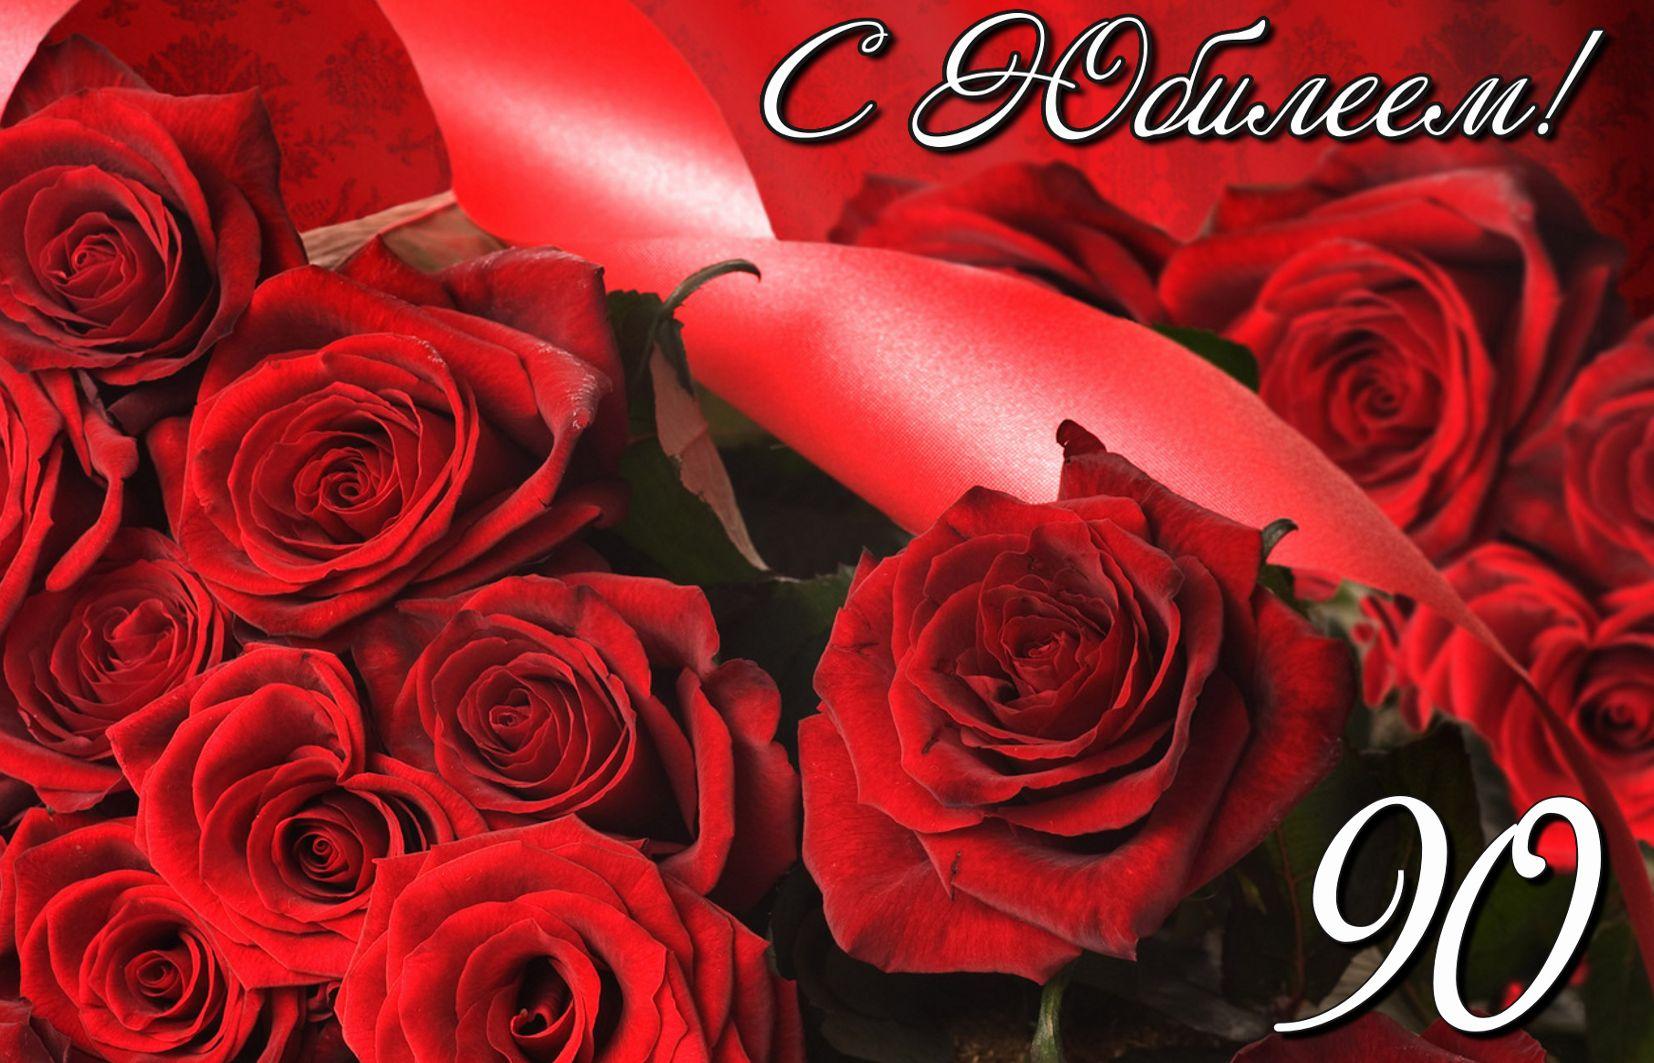 Открытка на юбилей 90 лет - большие красные розы в красном оформлении